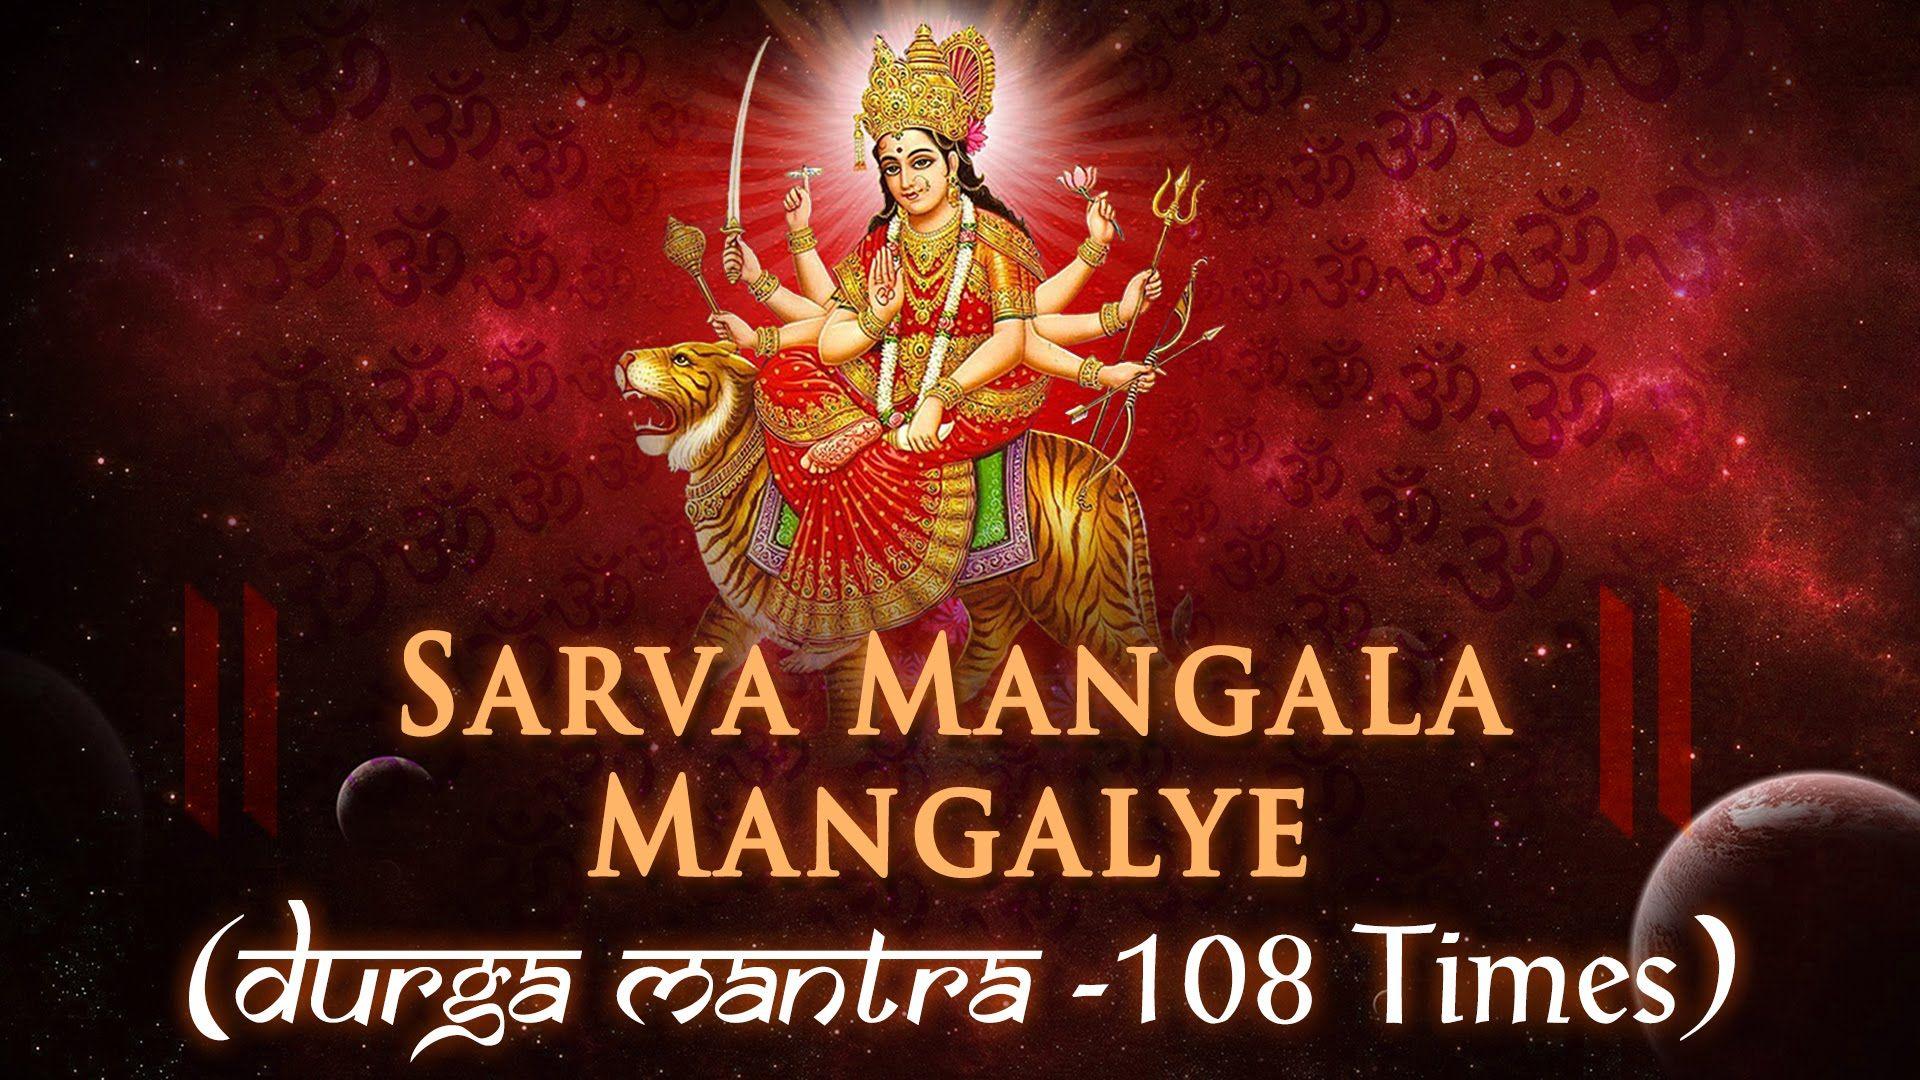 Sarva Mangal Mangalye | Popular Durga Mantra | Devi Mantra